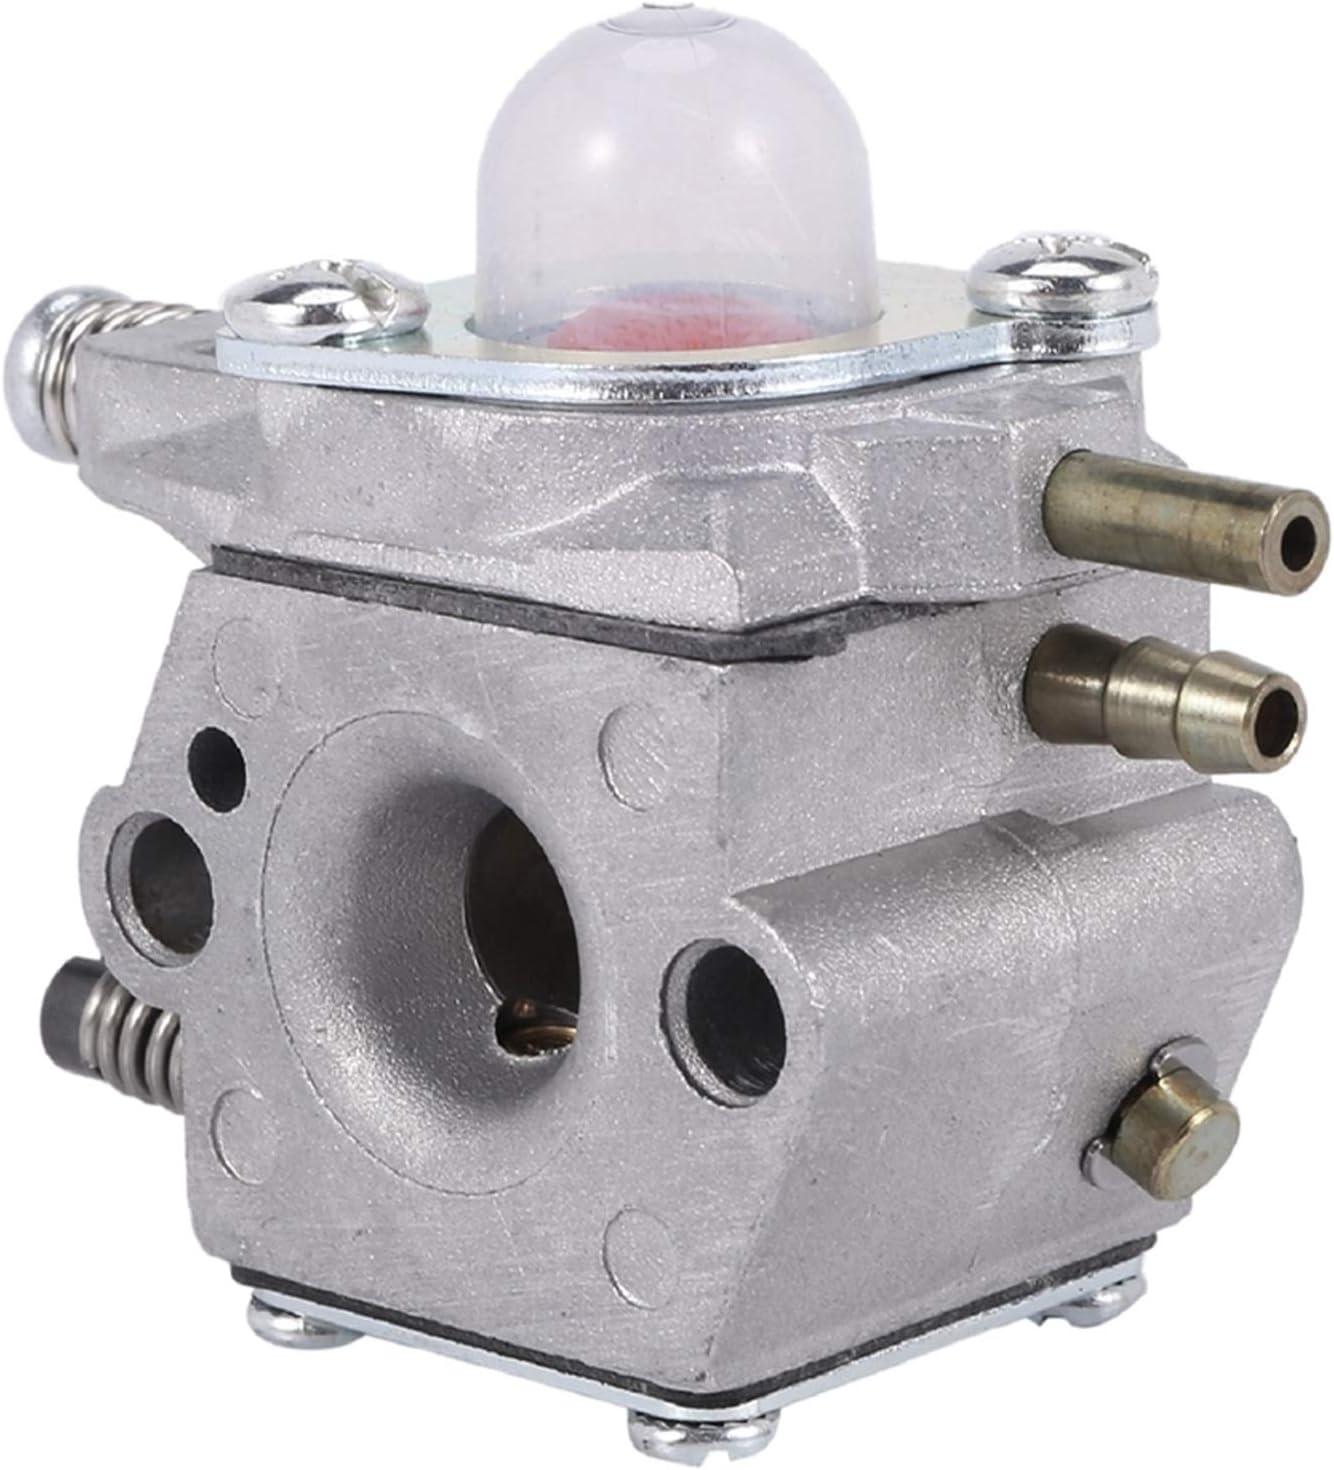 UGUTER Go Kart Carburetor WT460 Carburetor para Emak Oleo Mac EFCO WT460 2318690R 730 735 740 EFCO 8300 8350 8400 8405 Carburador 125cc (Color : Silver)